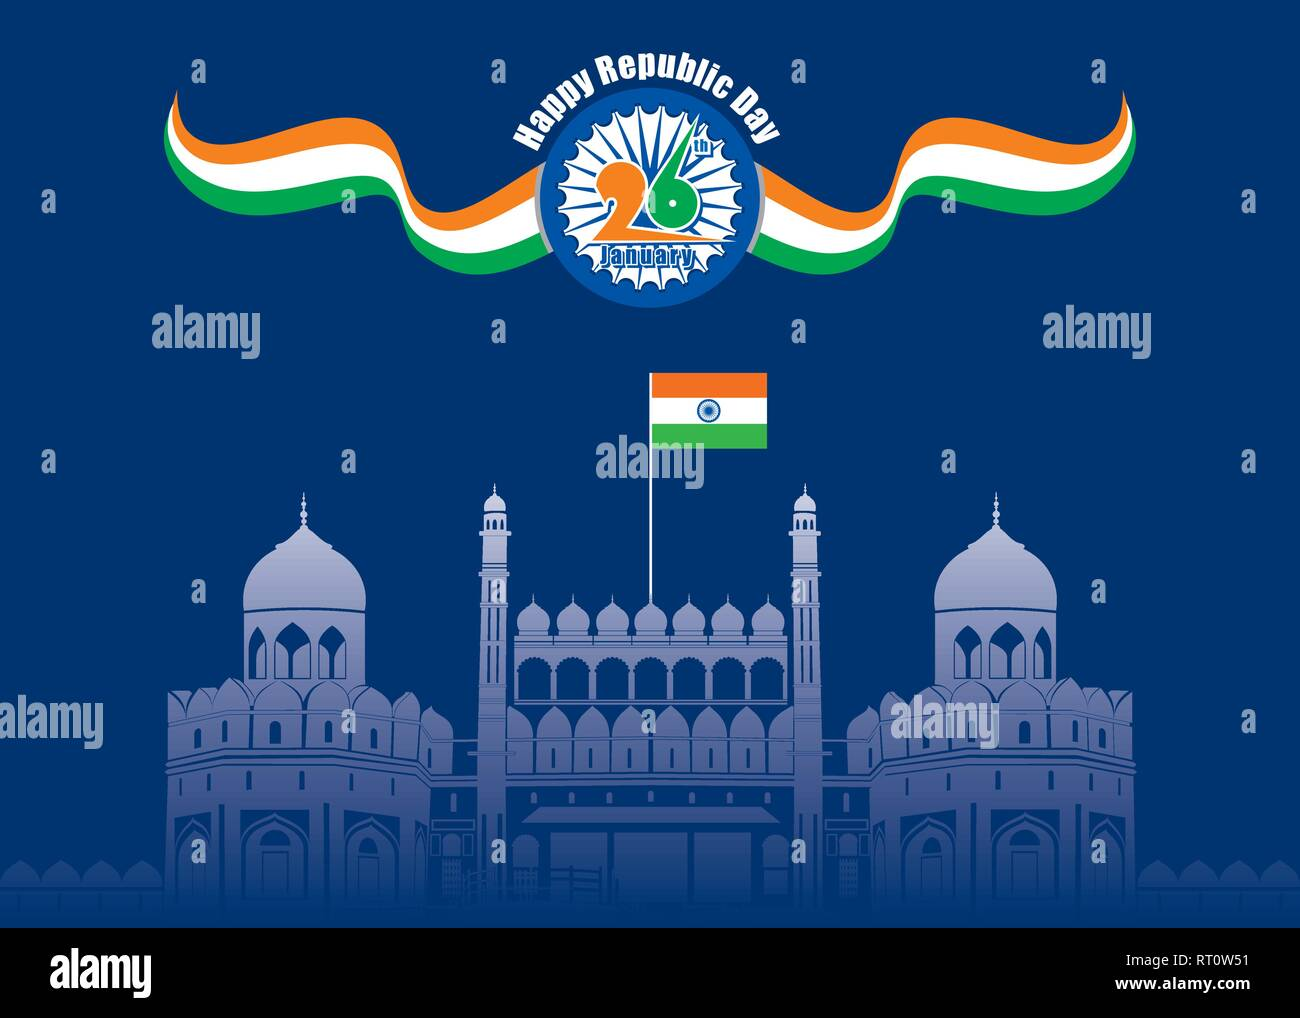 Joyeuse fête de l'indépendance de l'Inde, vecteur illustration conception d'affiches Photo Stock